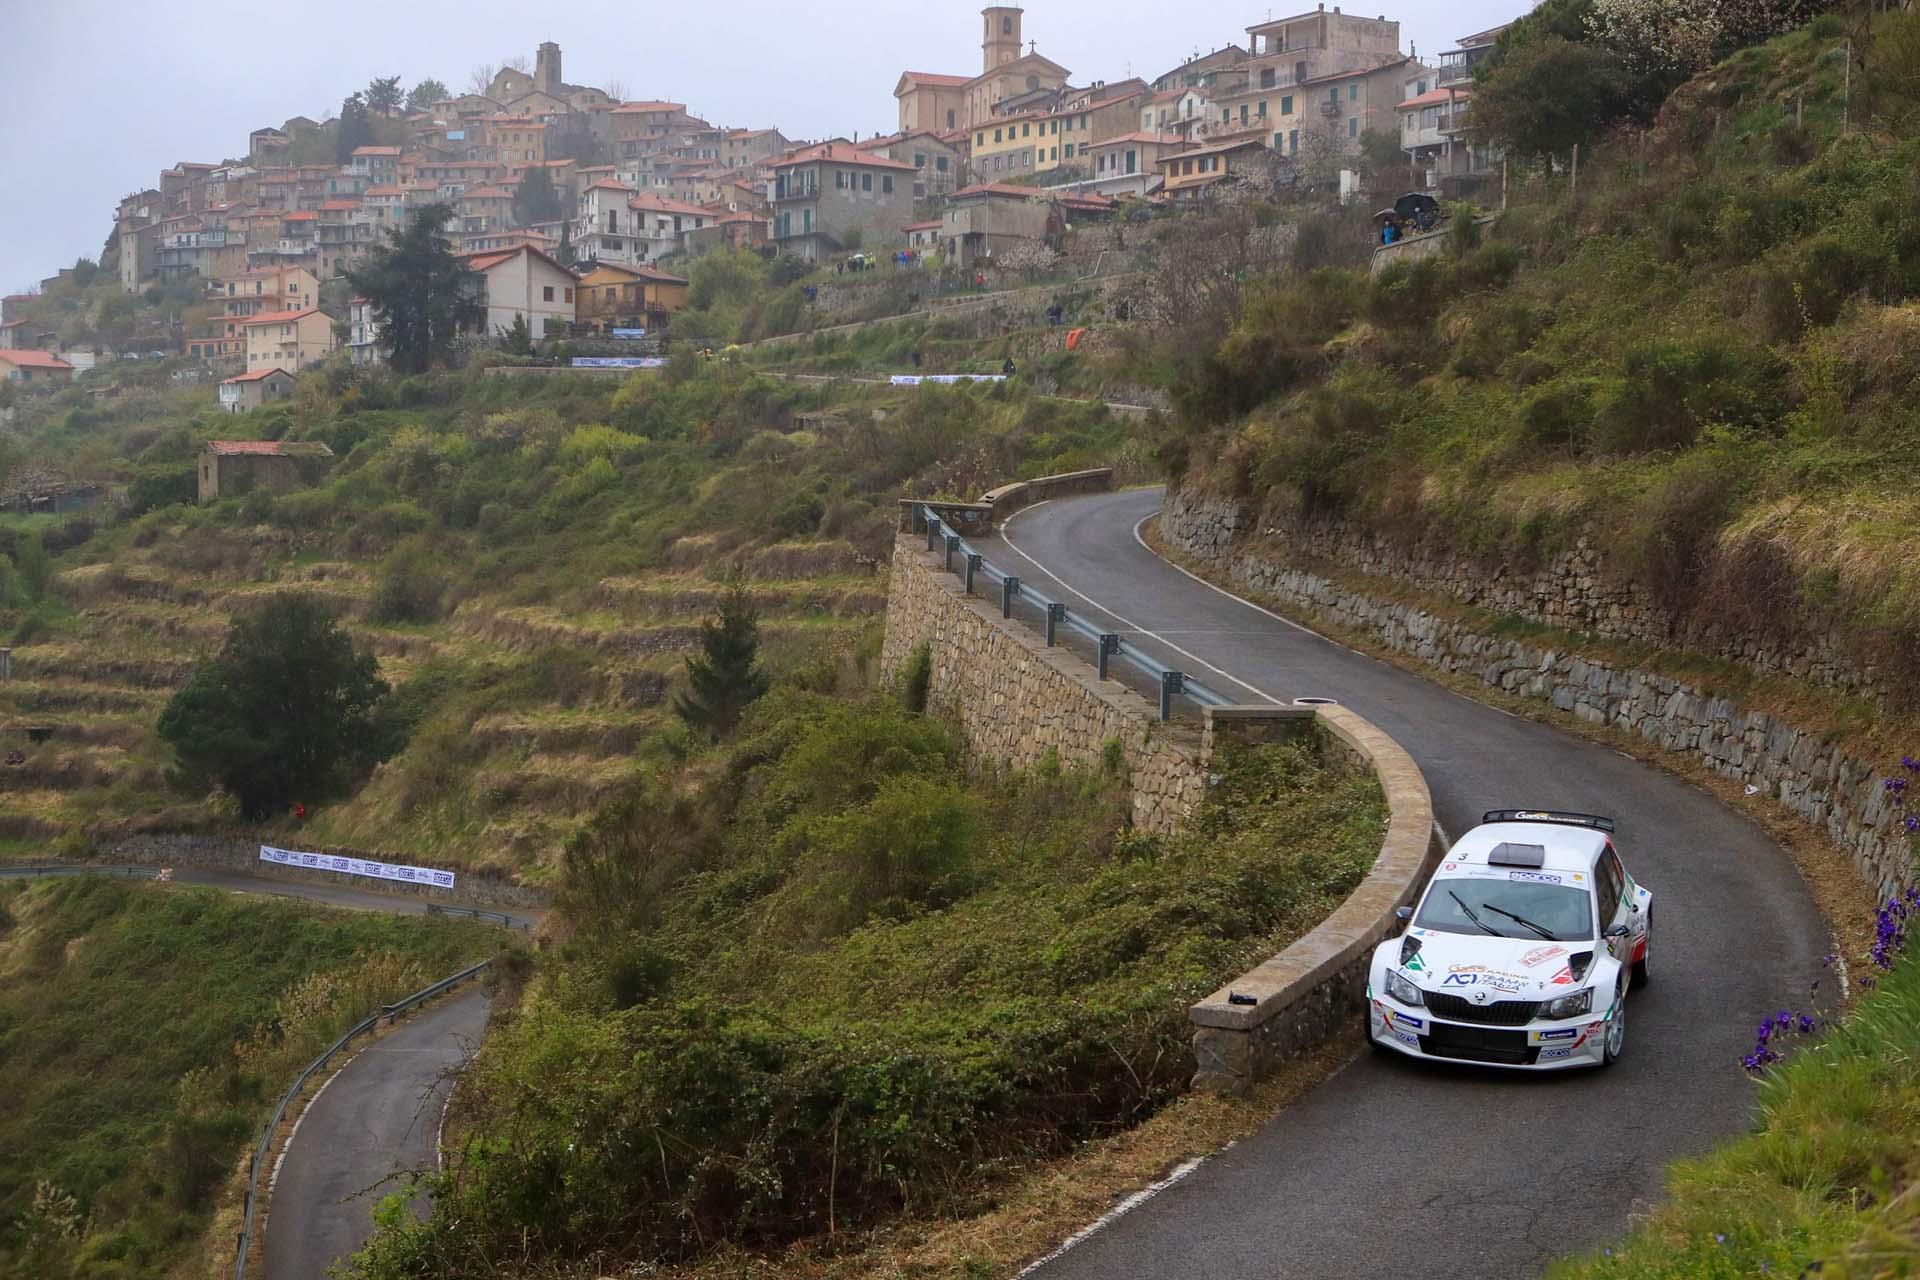 Andolfi ancora a podio al 68° Rallye Sanremo dopo essere stato leader